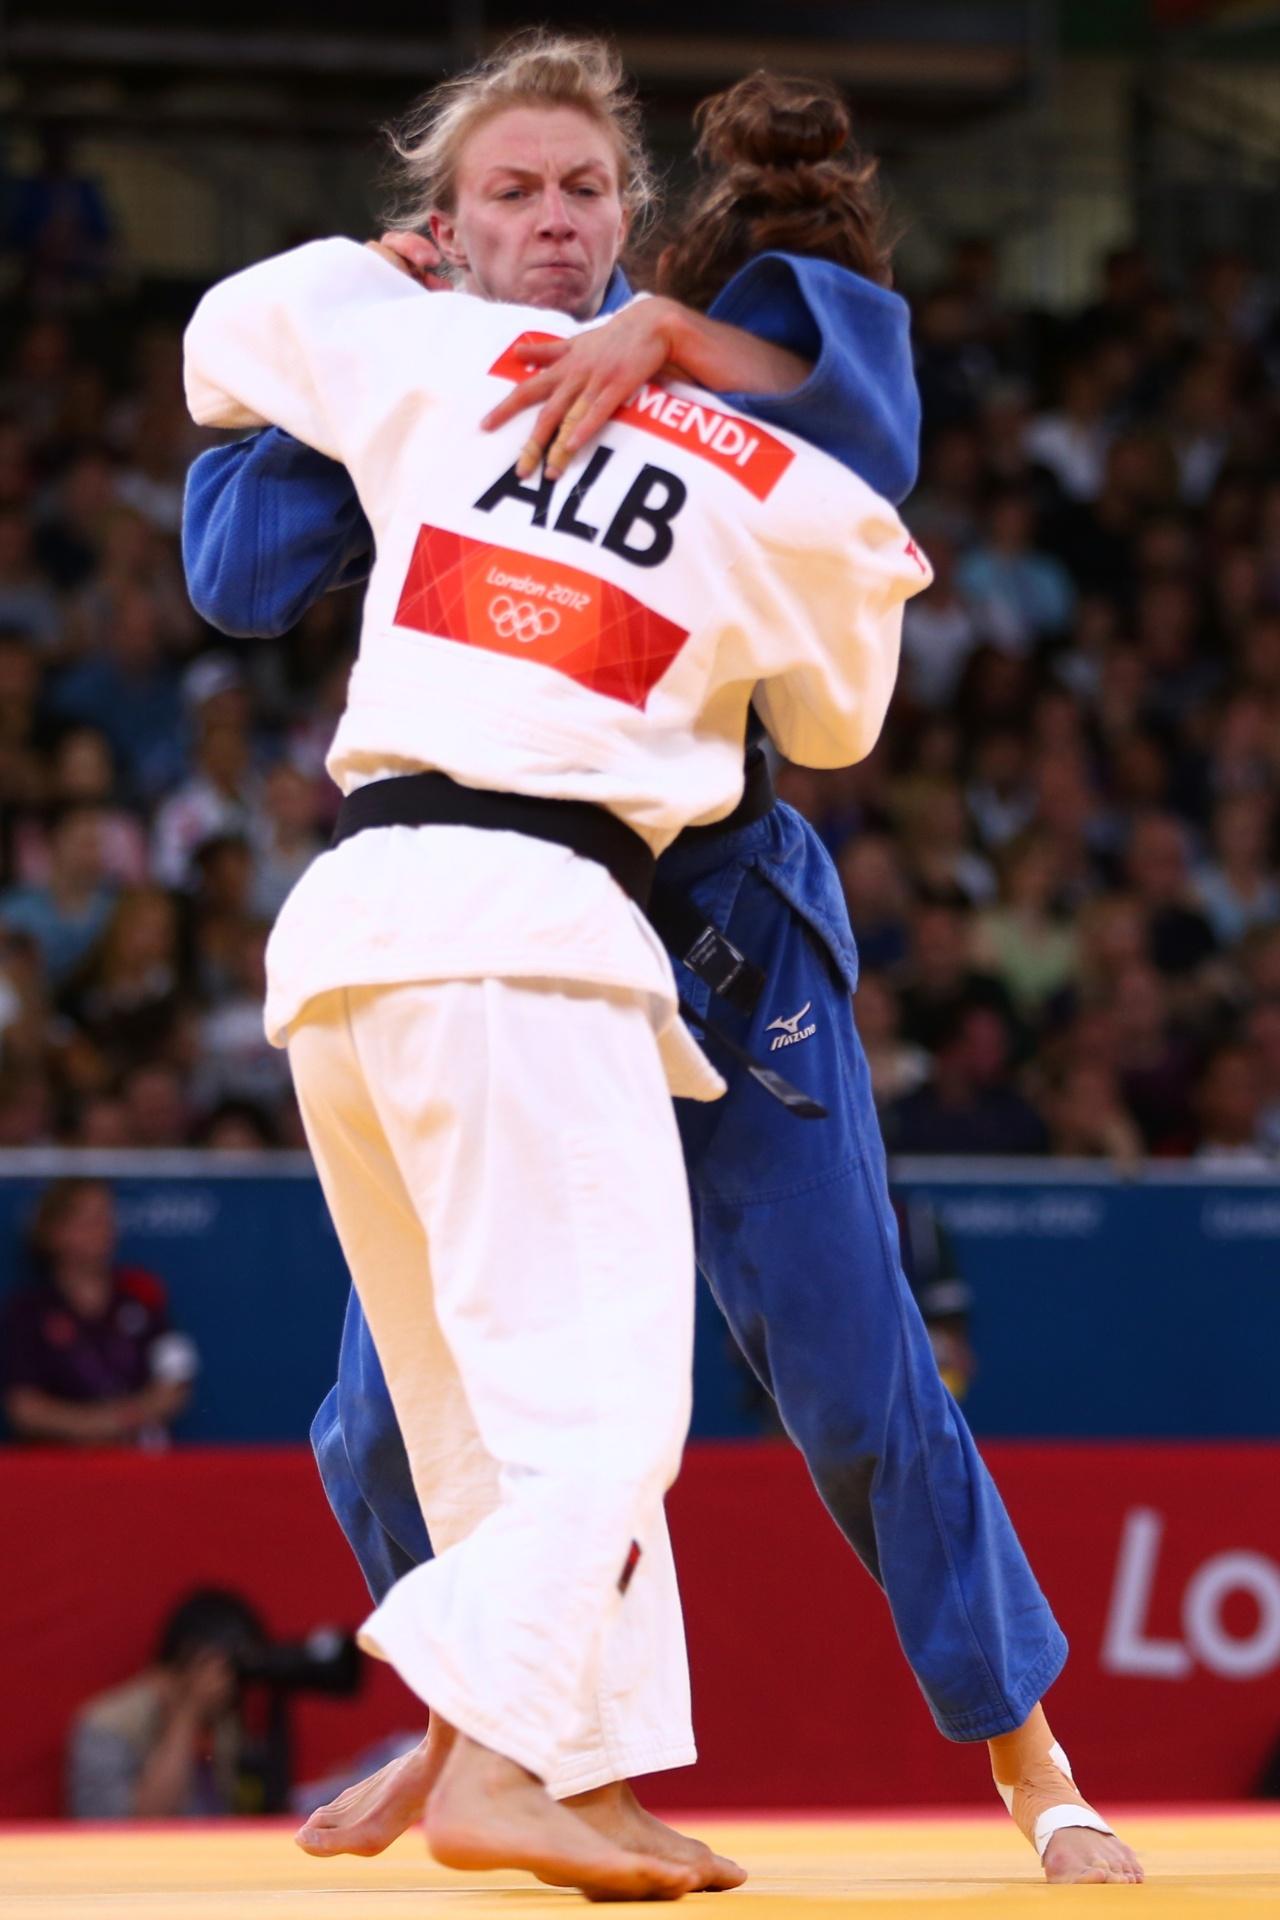 Majlinda Kelmendi, do Kosovo, compete pela Albânia nos Jogos Olímpicos de Londres-2012